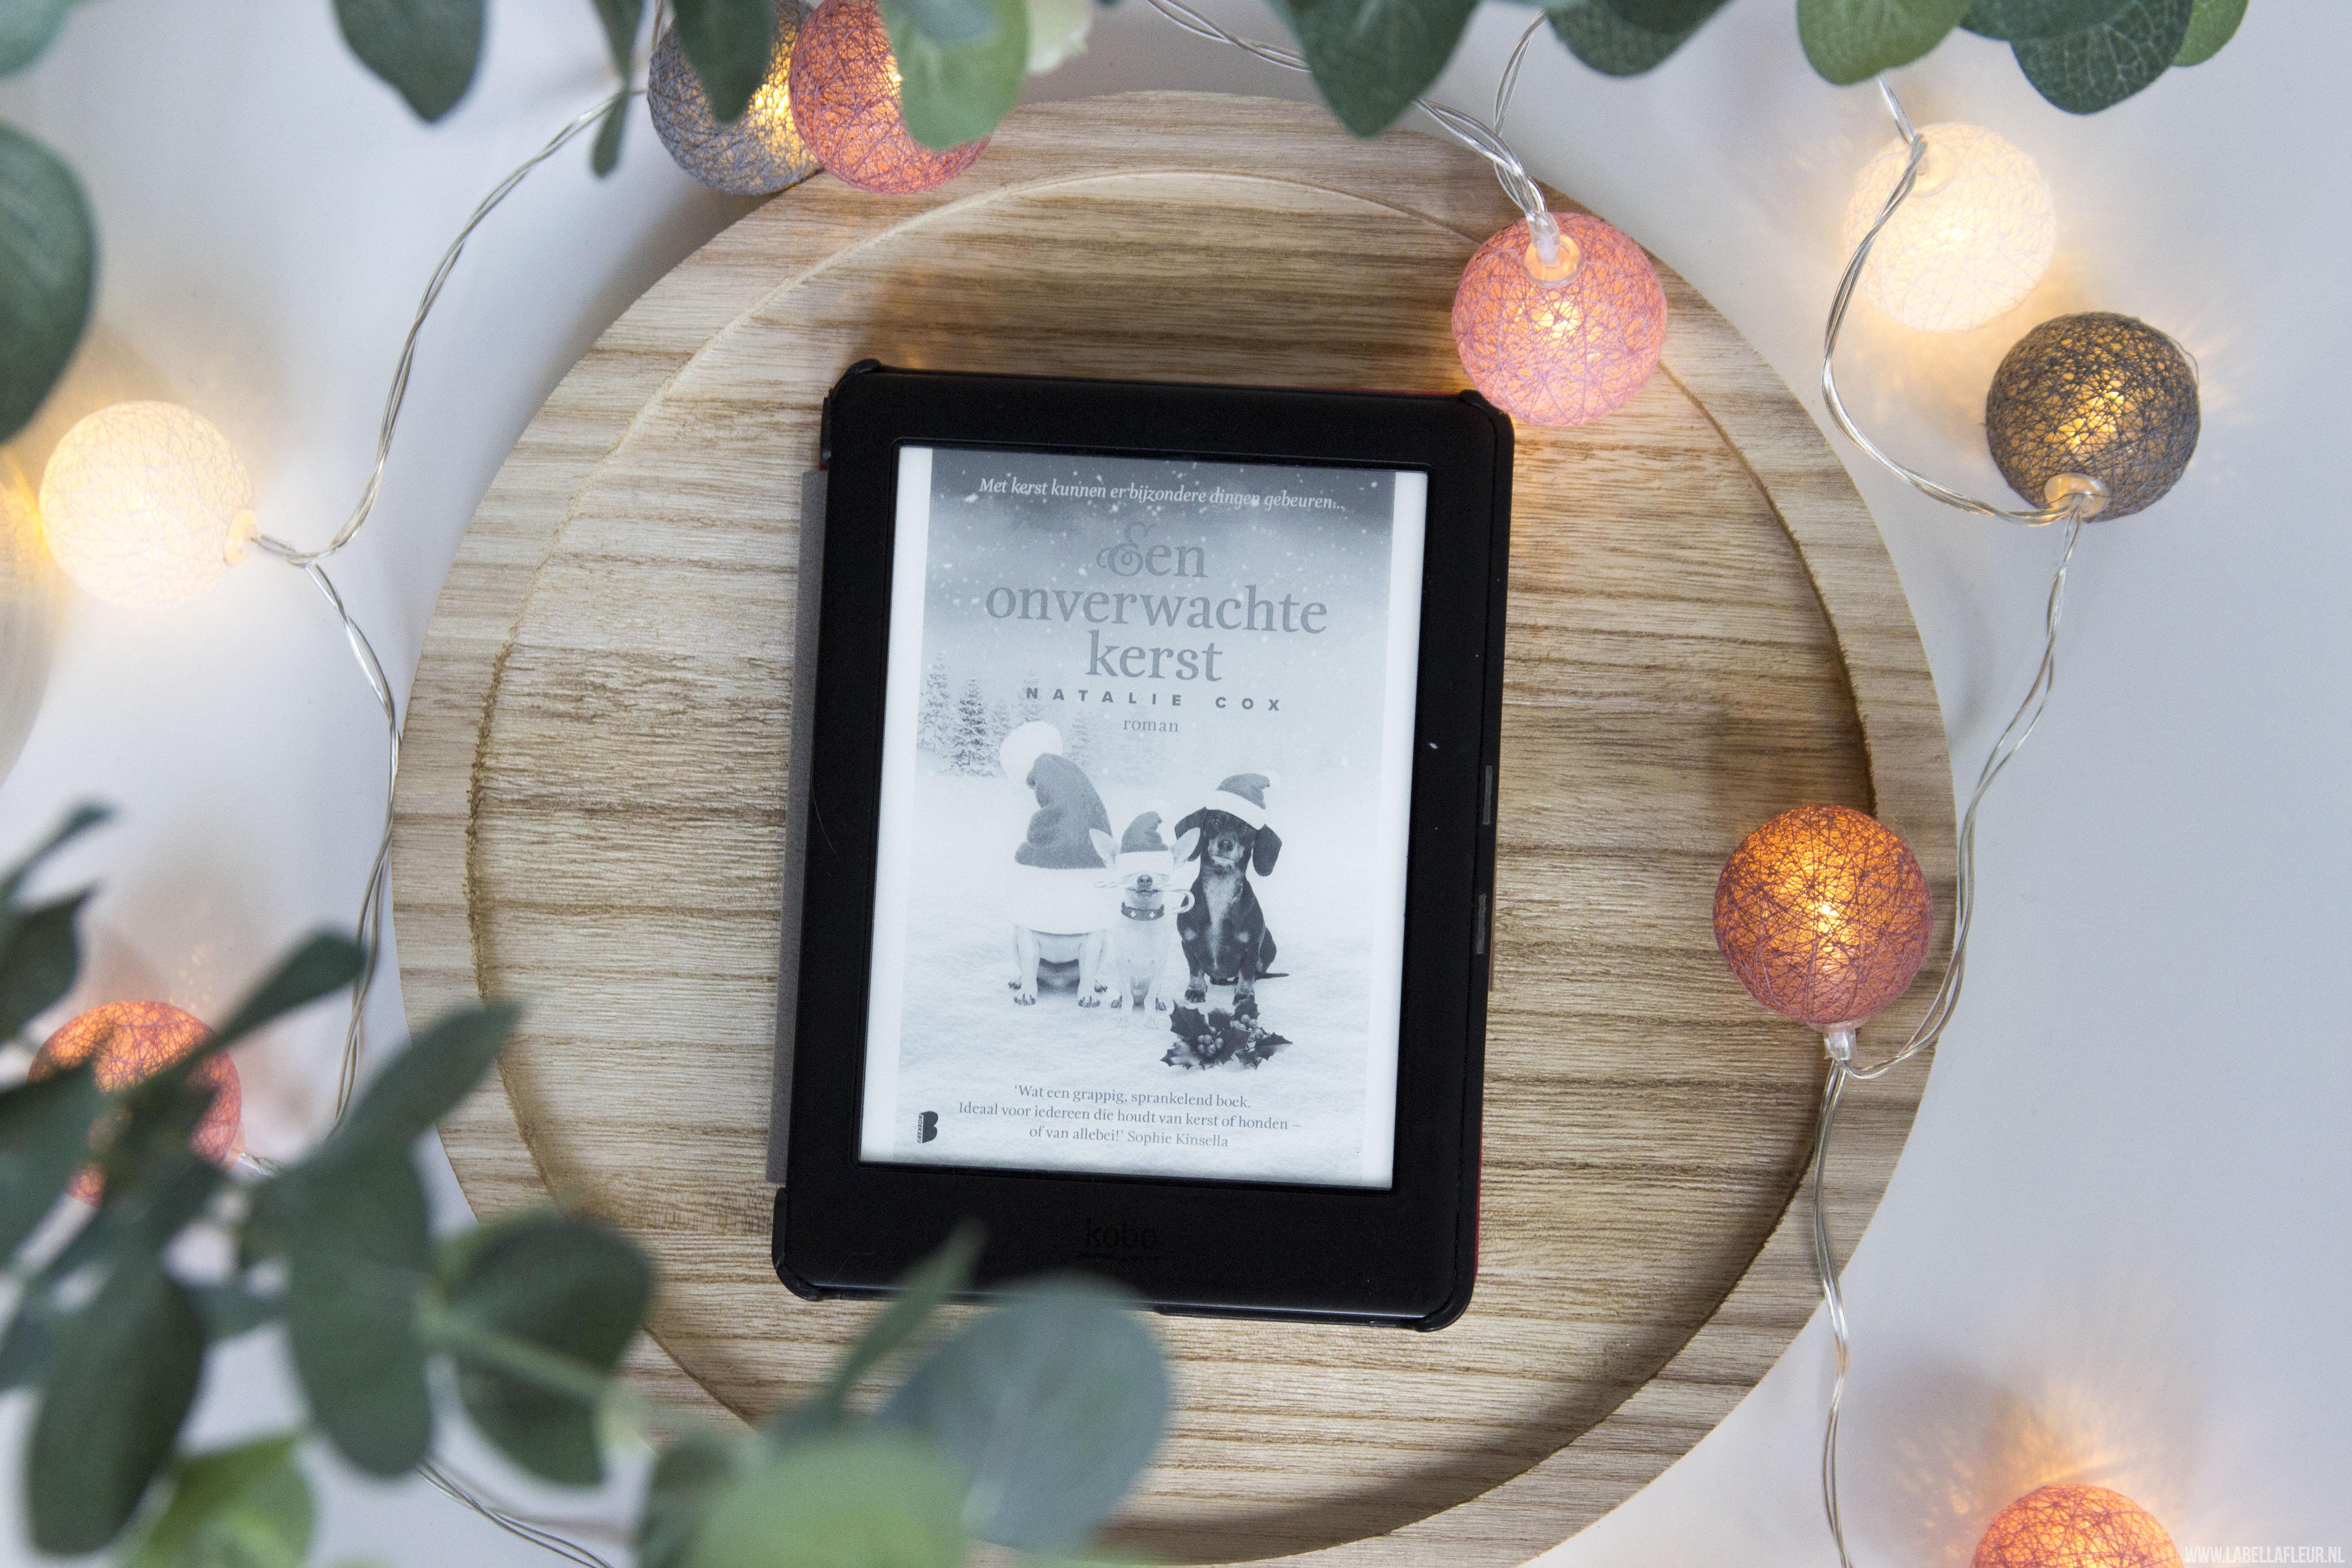 Boeken, kerst boeken, Een onverwachte kerst,